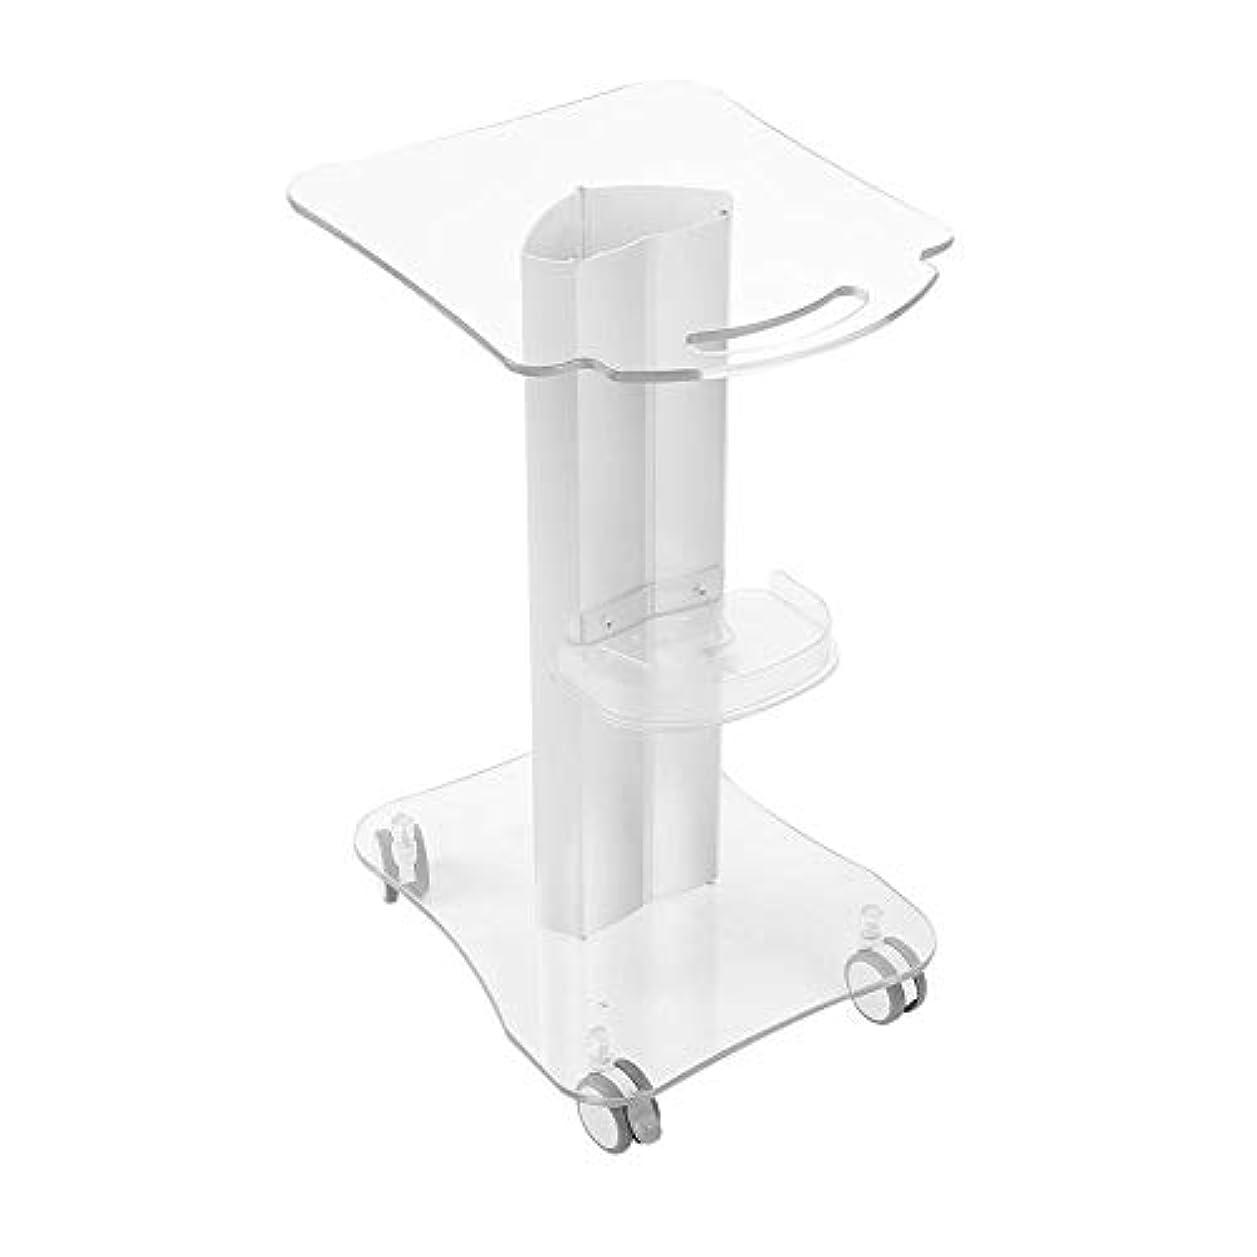 細胞最初にスピン美容院のトロリー大広間の圧延のカートの使用美容院のための4つの車輪のアルミニウム立場のプレキシガラスの台座収納トレイ